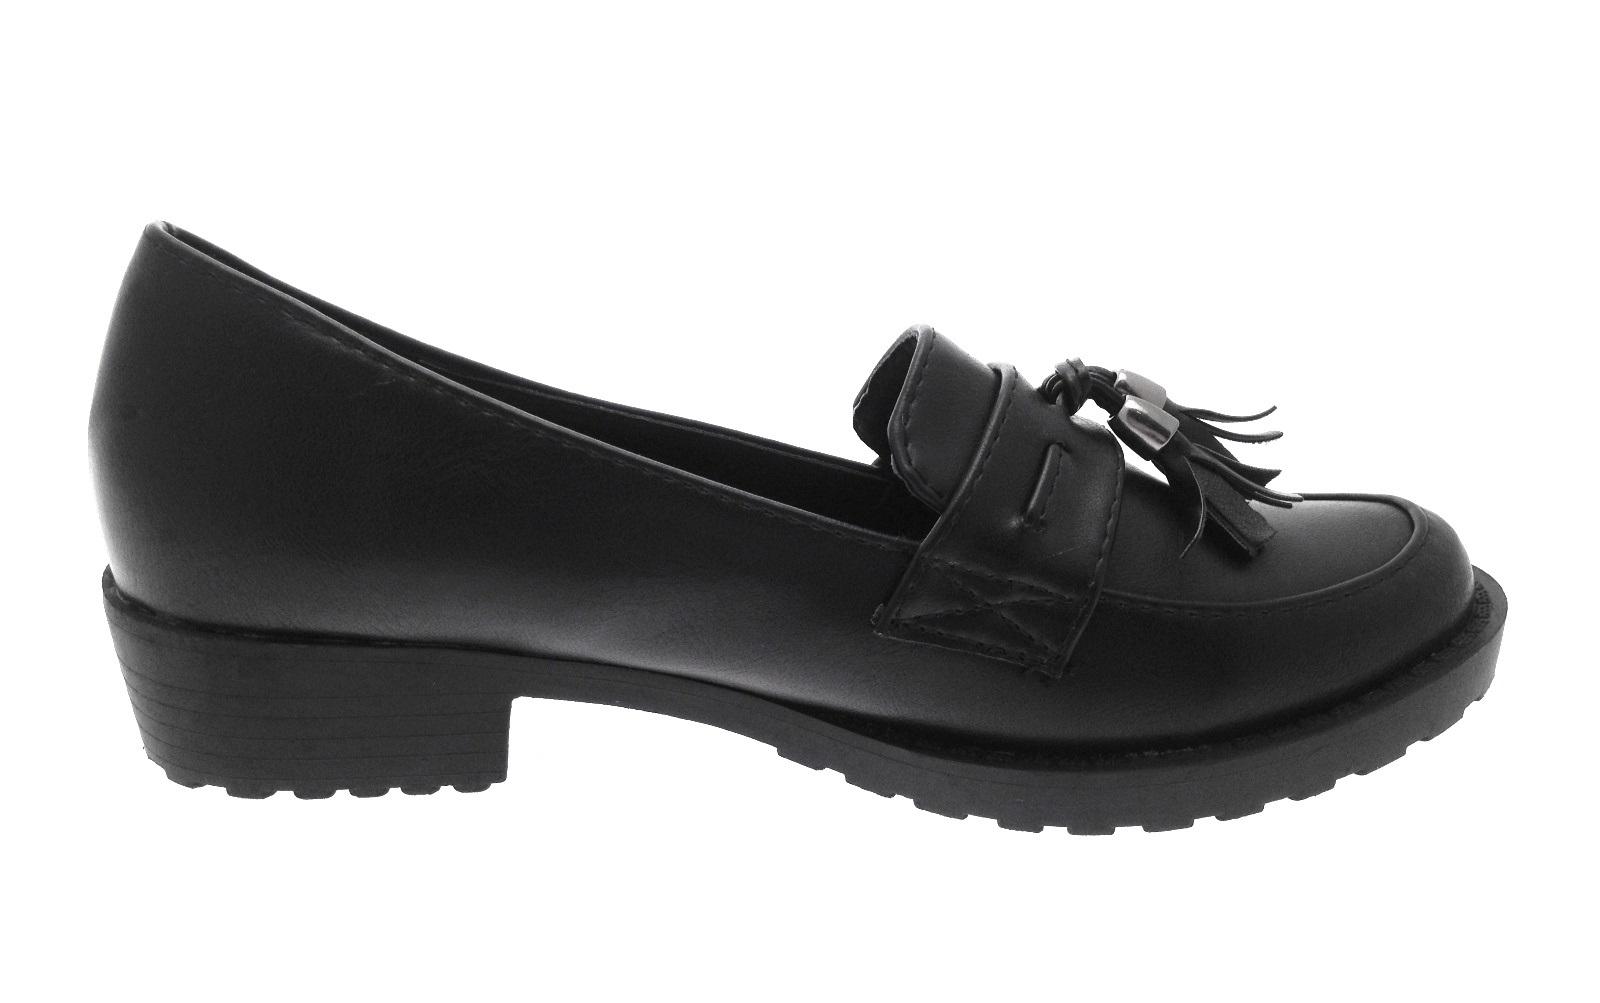 Kids Platform Shoes